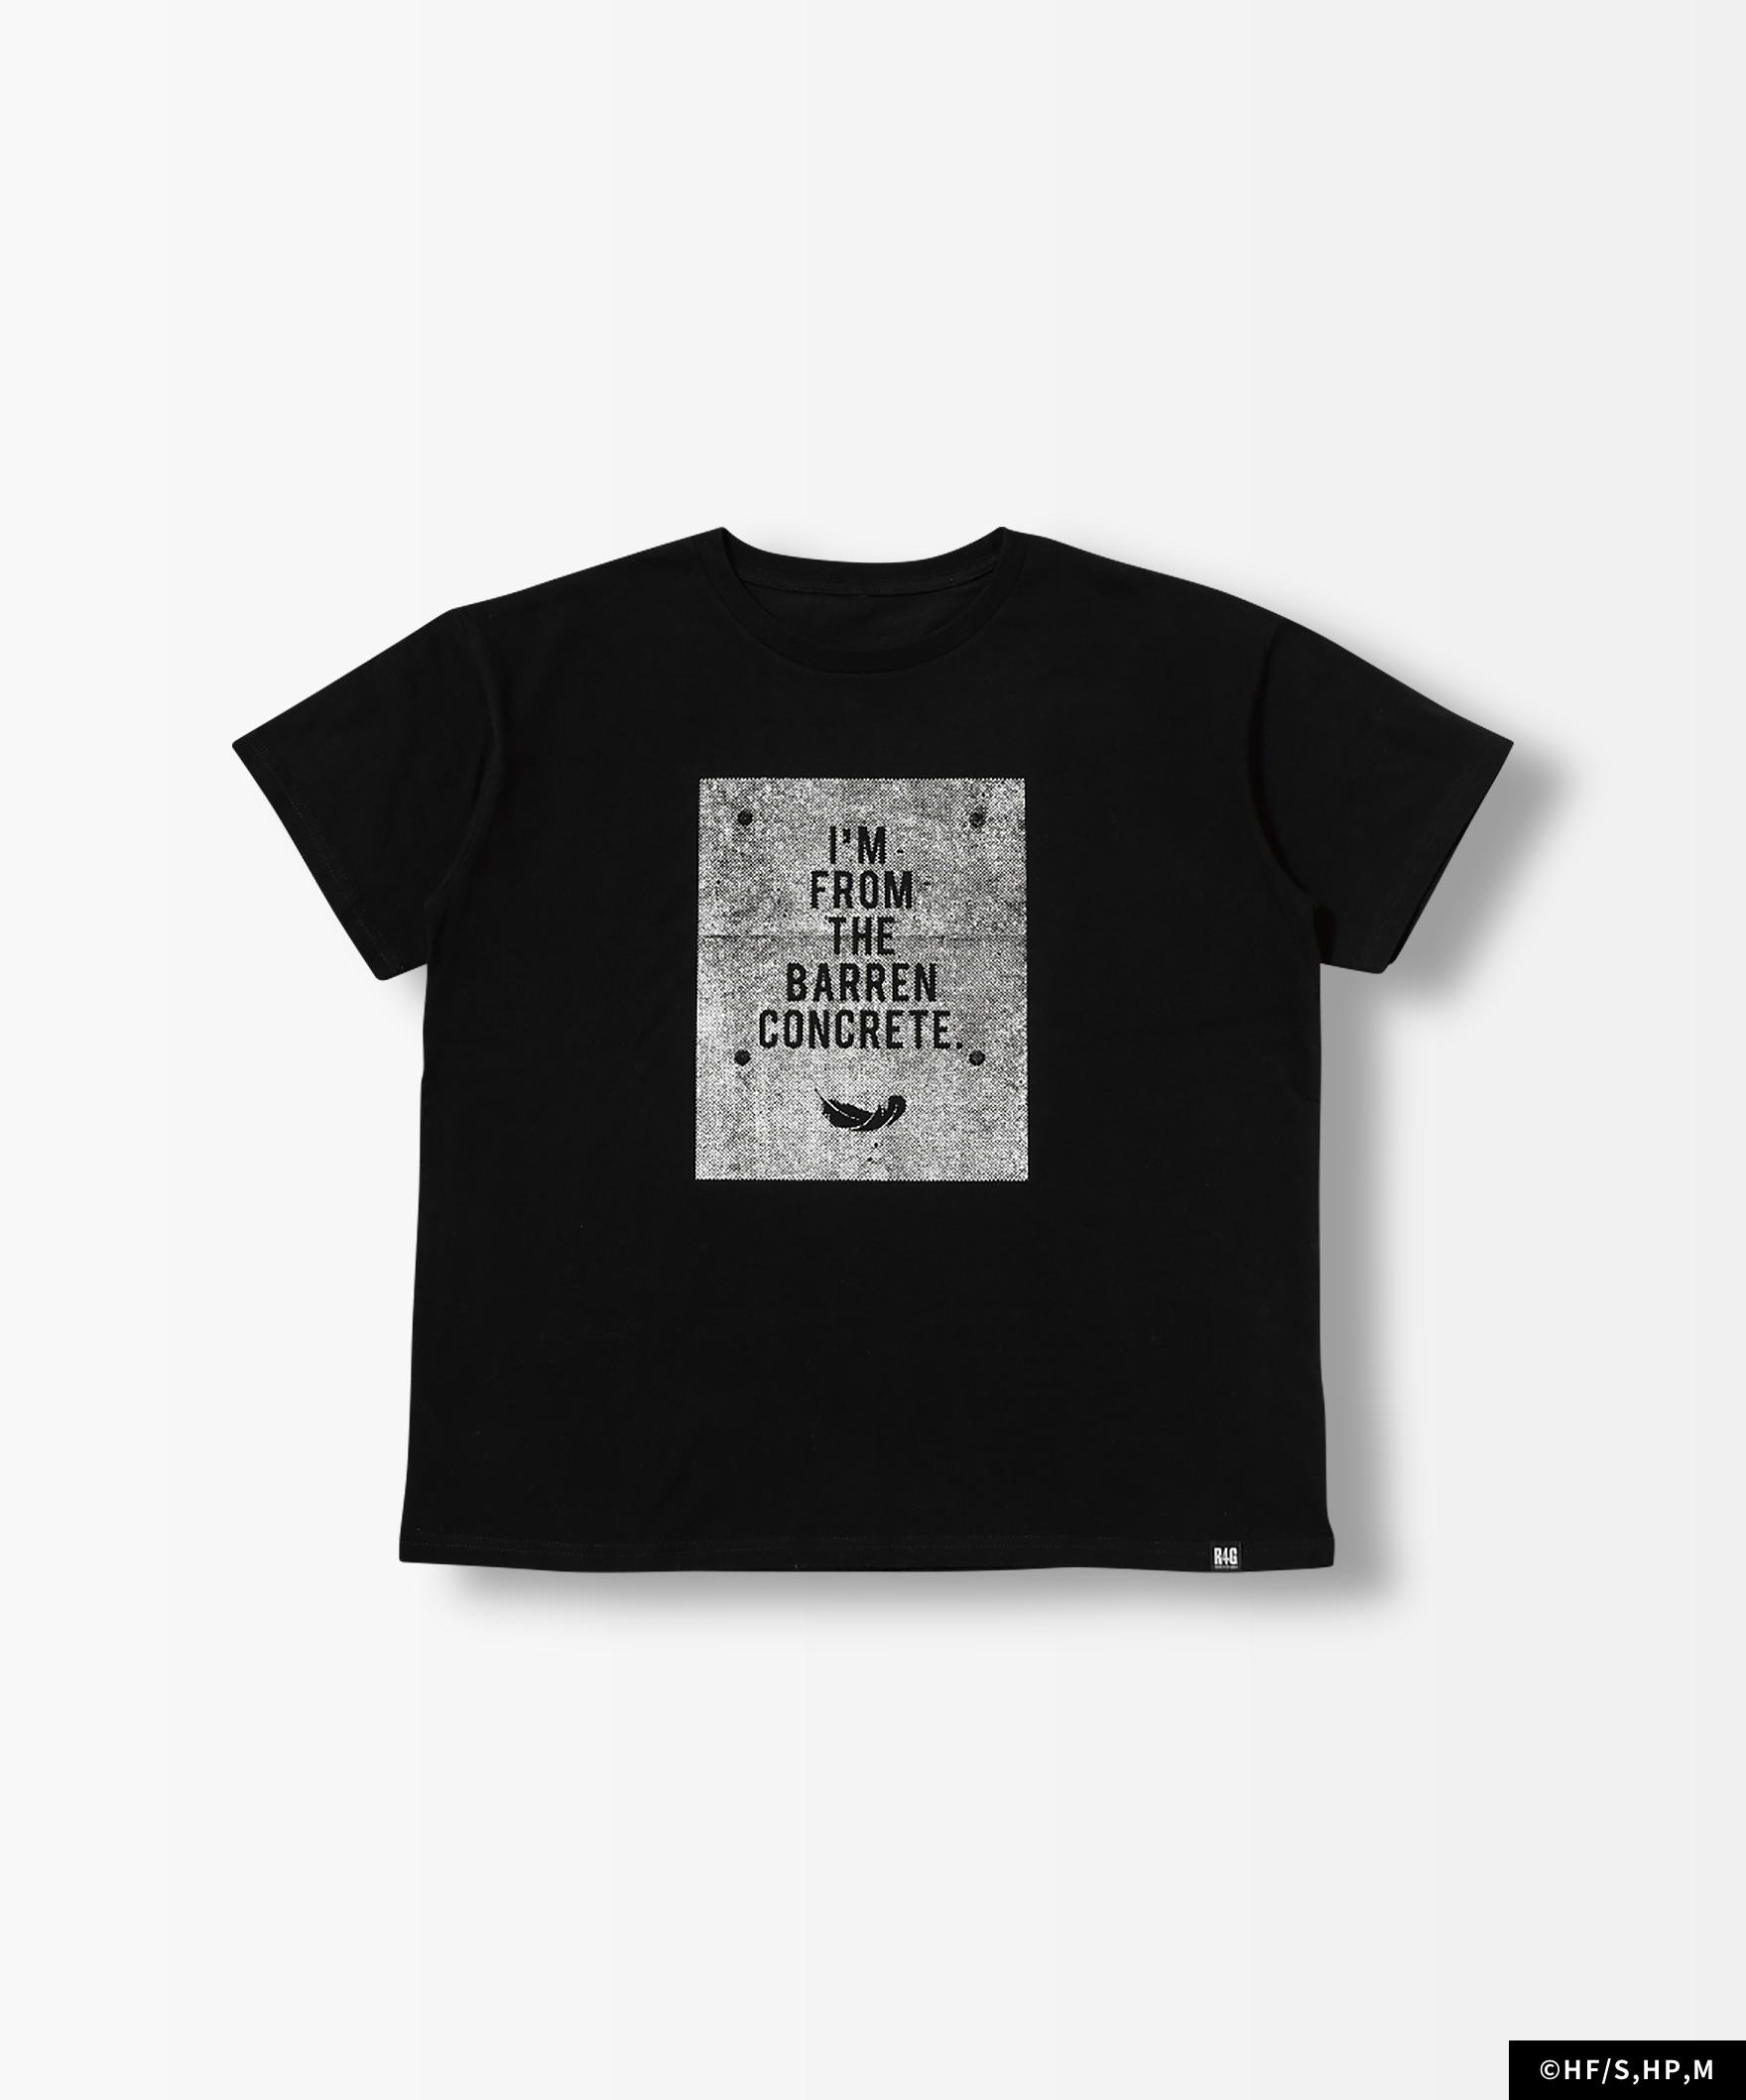 ハイキュー!!コンクリート出身Tシャツ